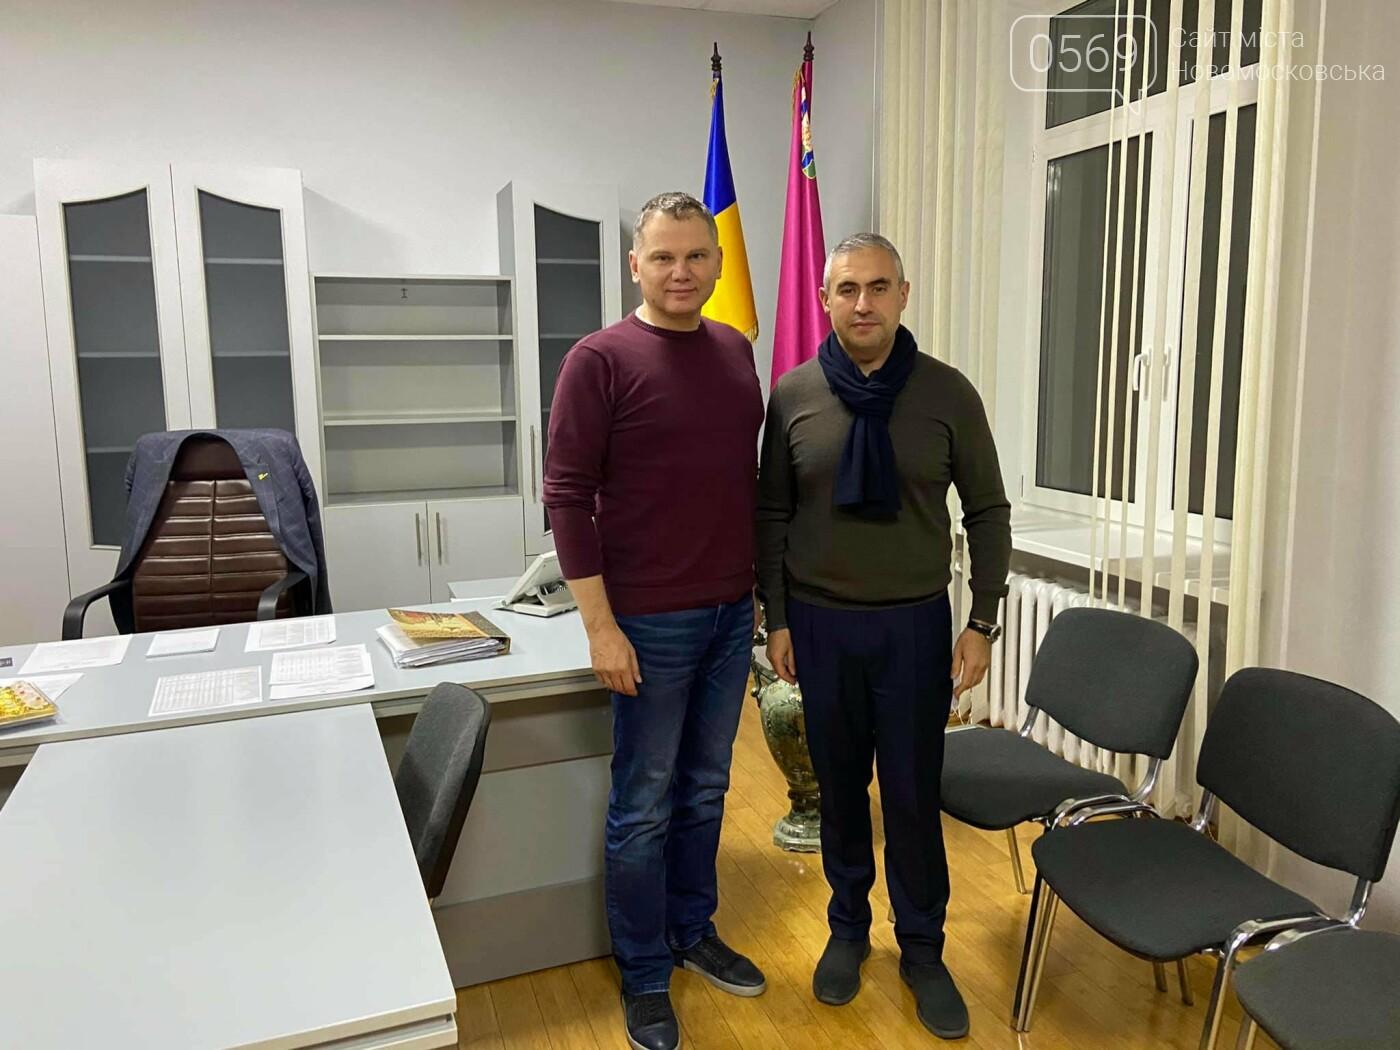 Міський голова Новомосковська провів робочу зустріч з посадовцем ДСУ з питань праці, фото-1